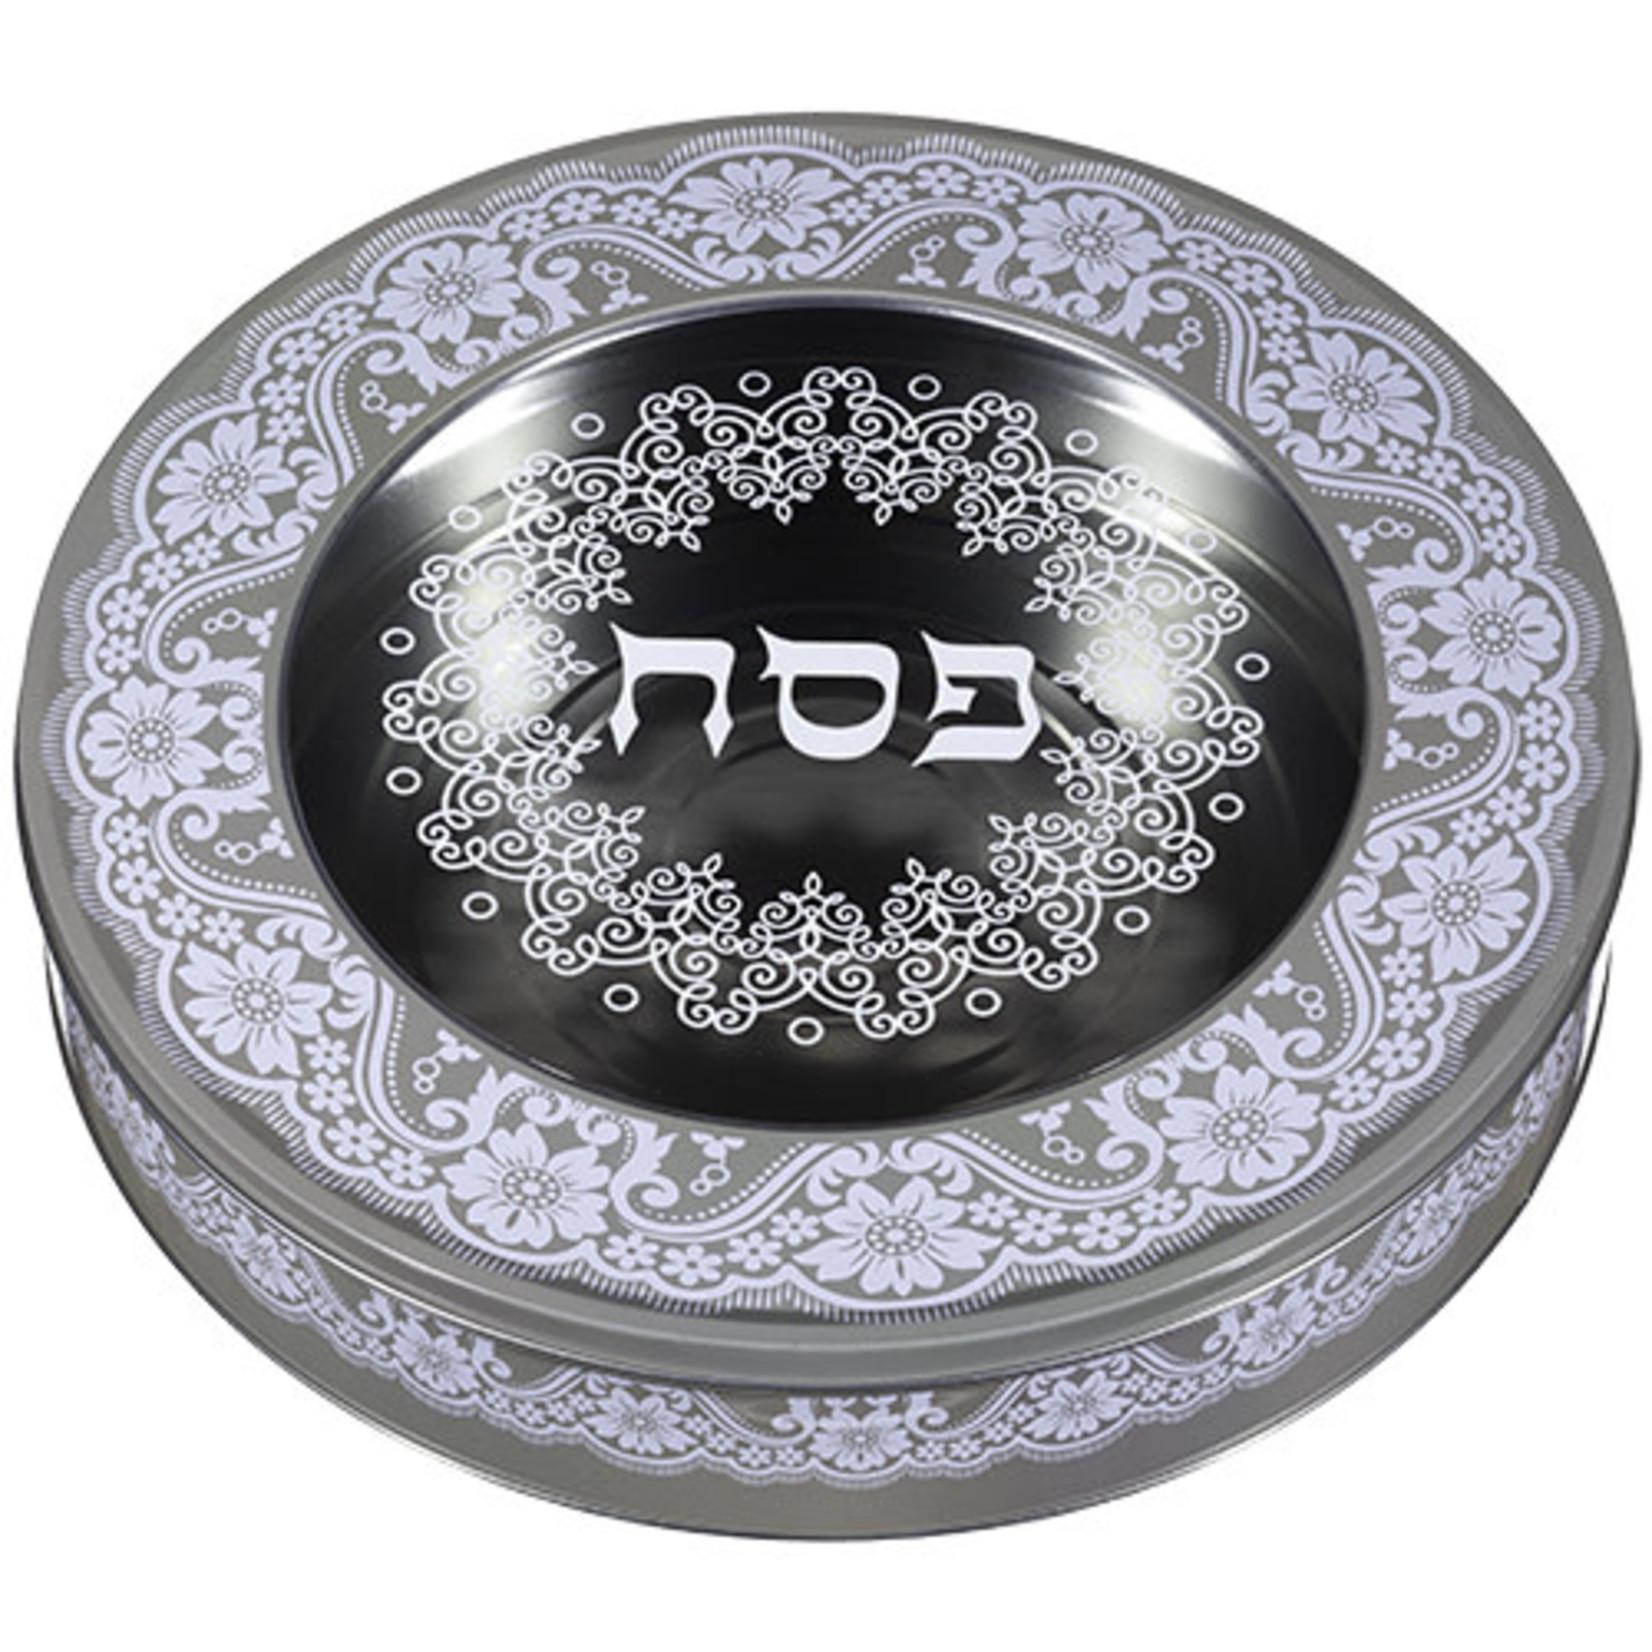 Shmurah Matzah Box, Aluminum